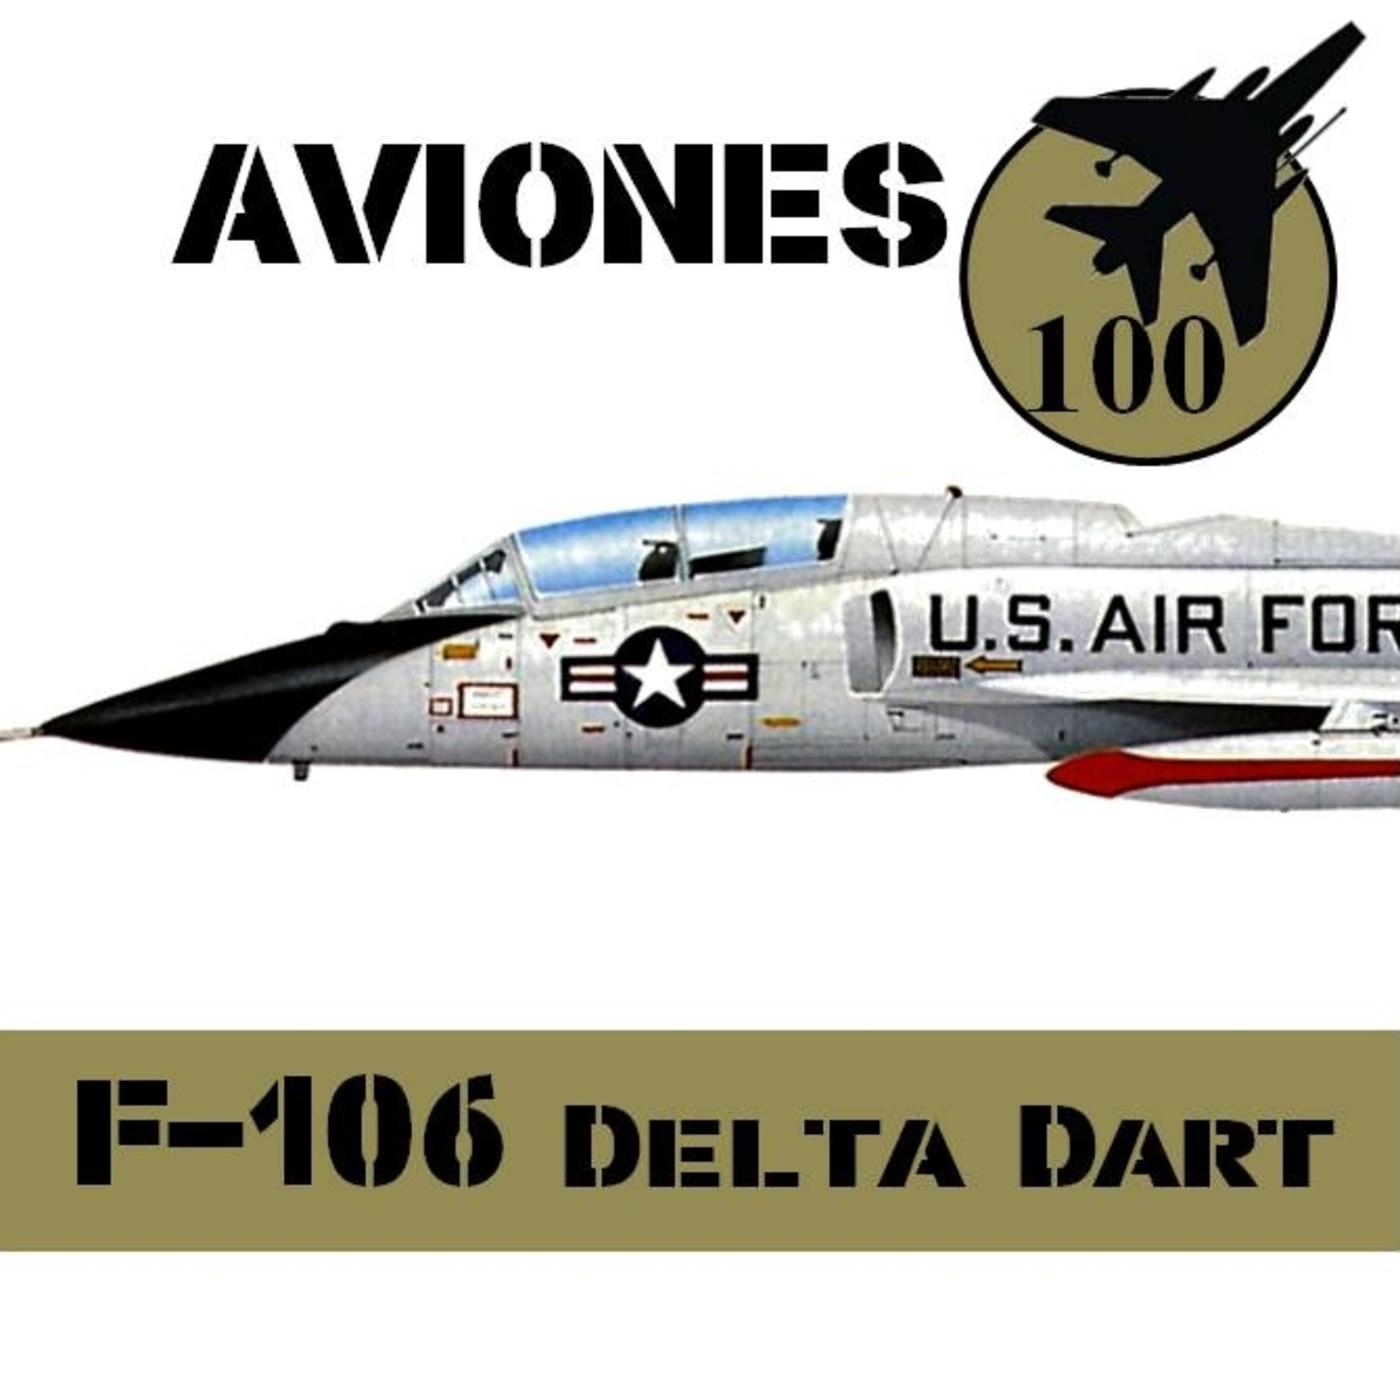 Aviones 10 #71 F-106 Delta Dart el Cadillac de los cazas Century Series 4d6 - Historia NORAD USAF